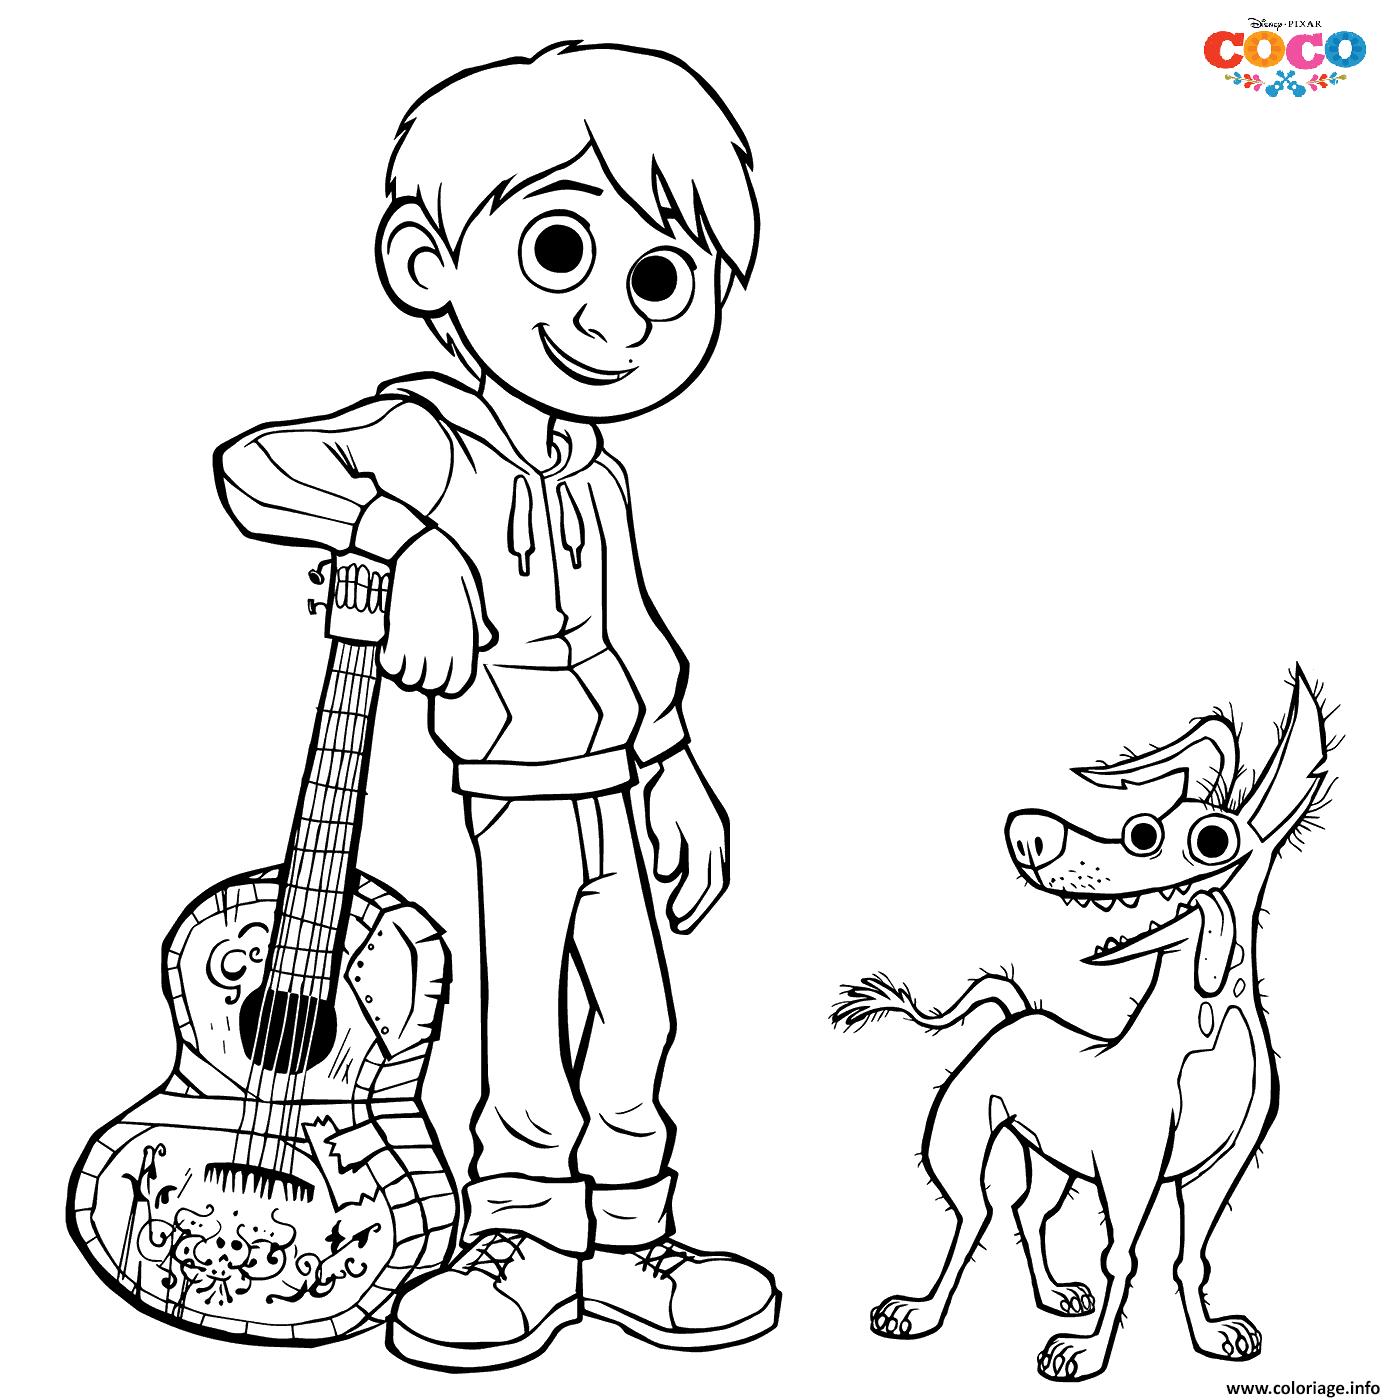 Coloriage Miguel And Dante Dog Disney Coco dessin